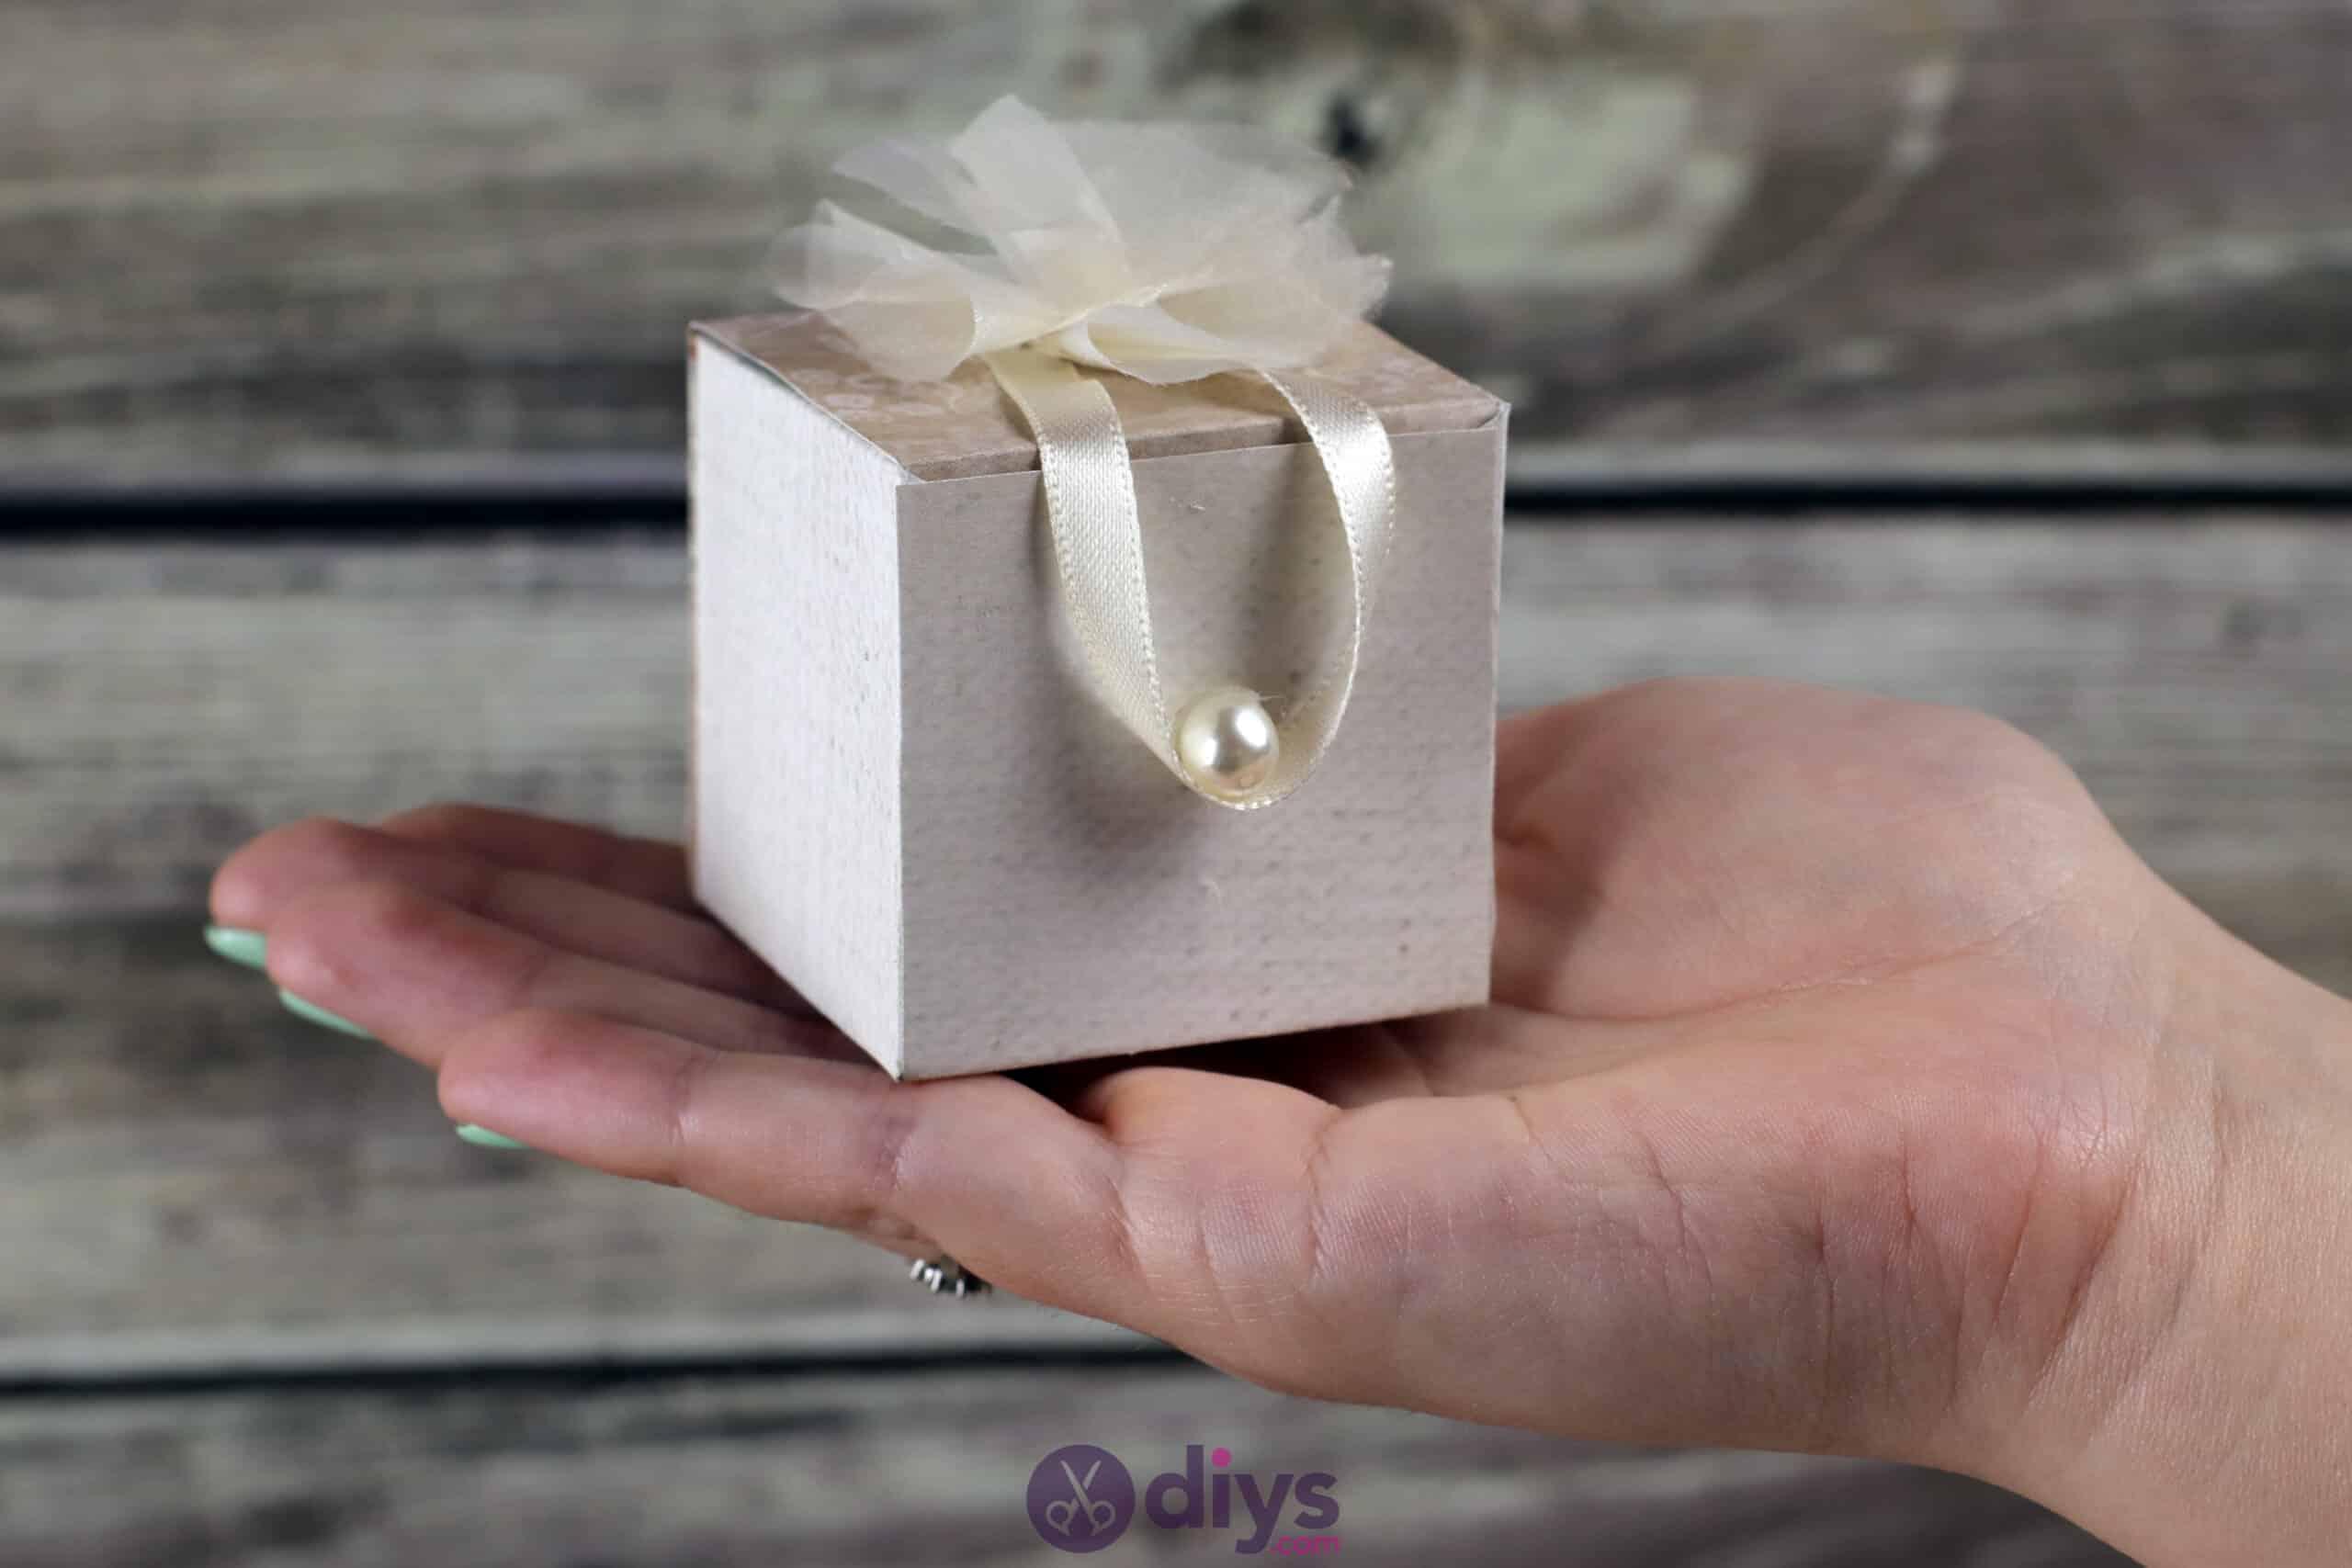 Diy mini wedding gift box rustic decor